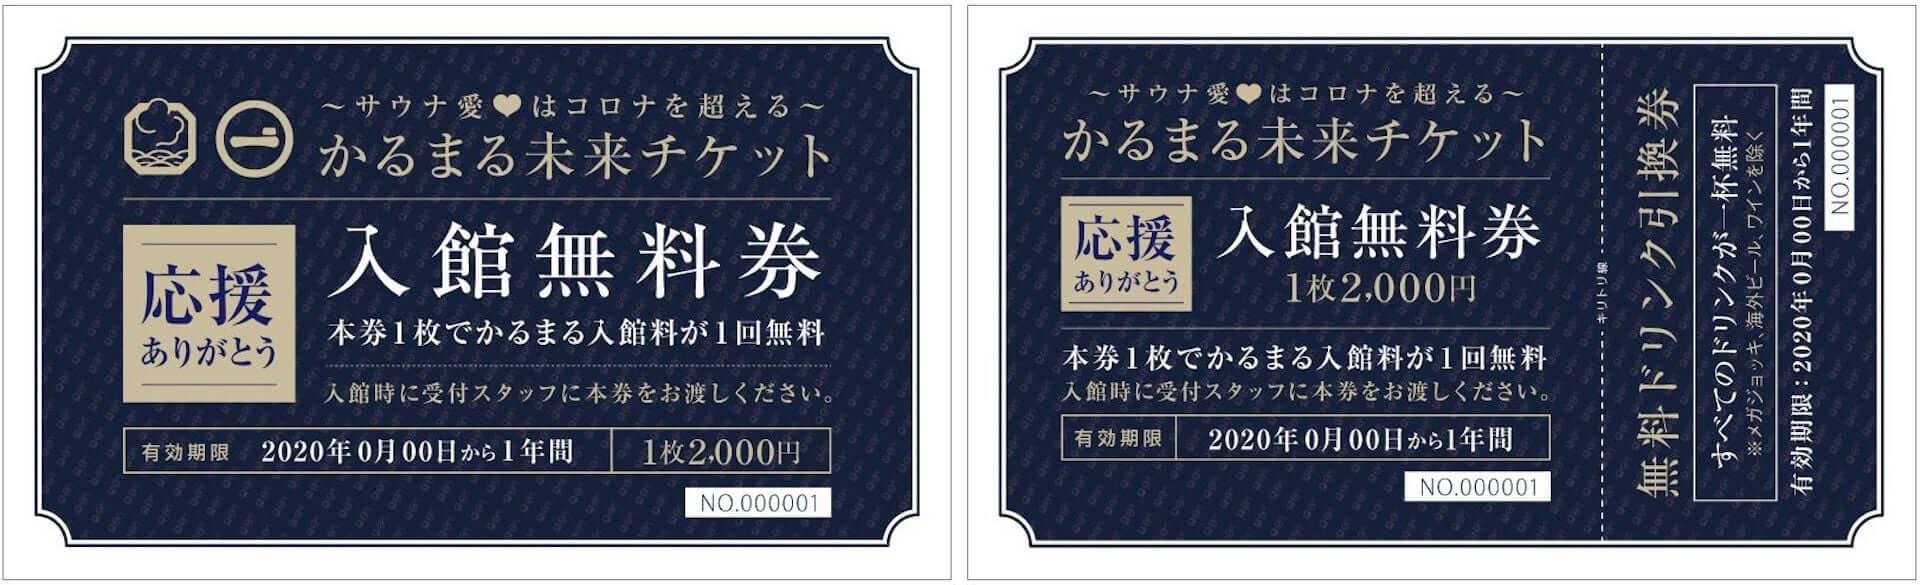 サウナ貸し切りや1泊無料券も!関東最大級のサウナ&ホテル「かるまる 池袋」が最大44%オフの前売回数券を発売 art200518_karumaru_ikeburuko_2-1920x585